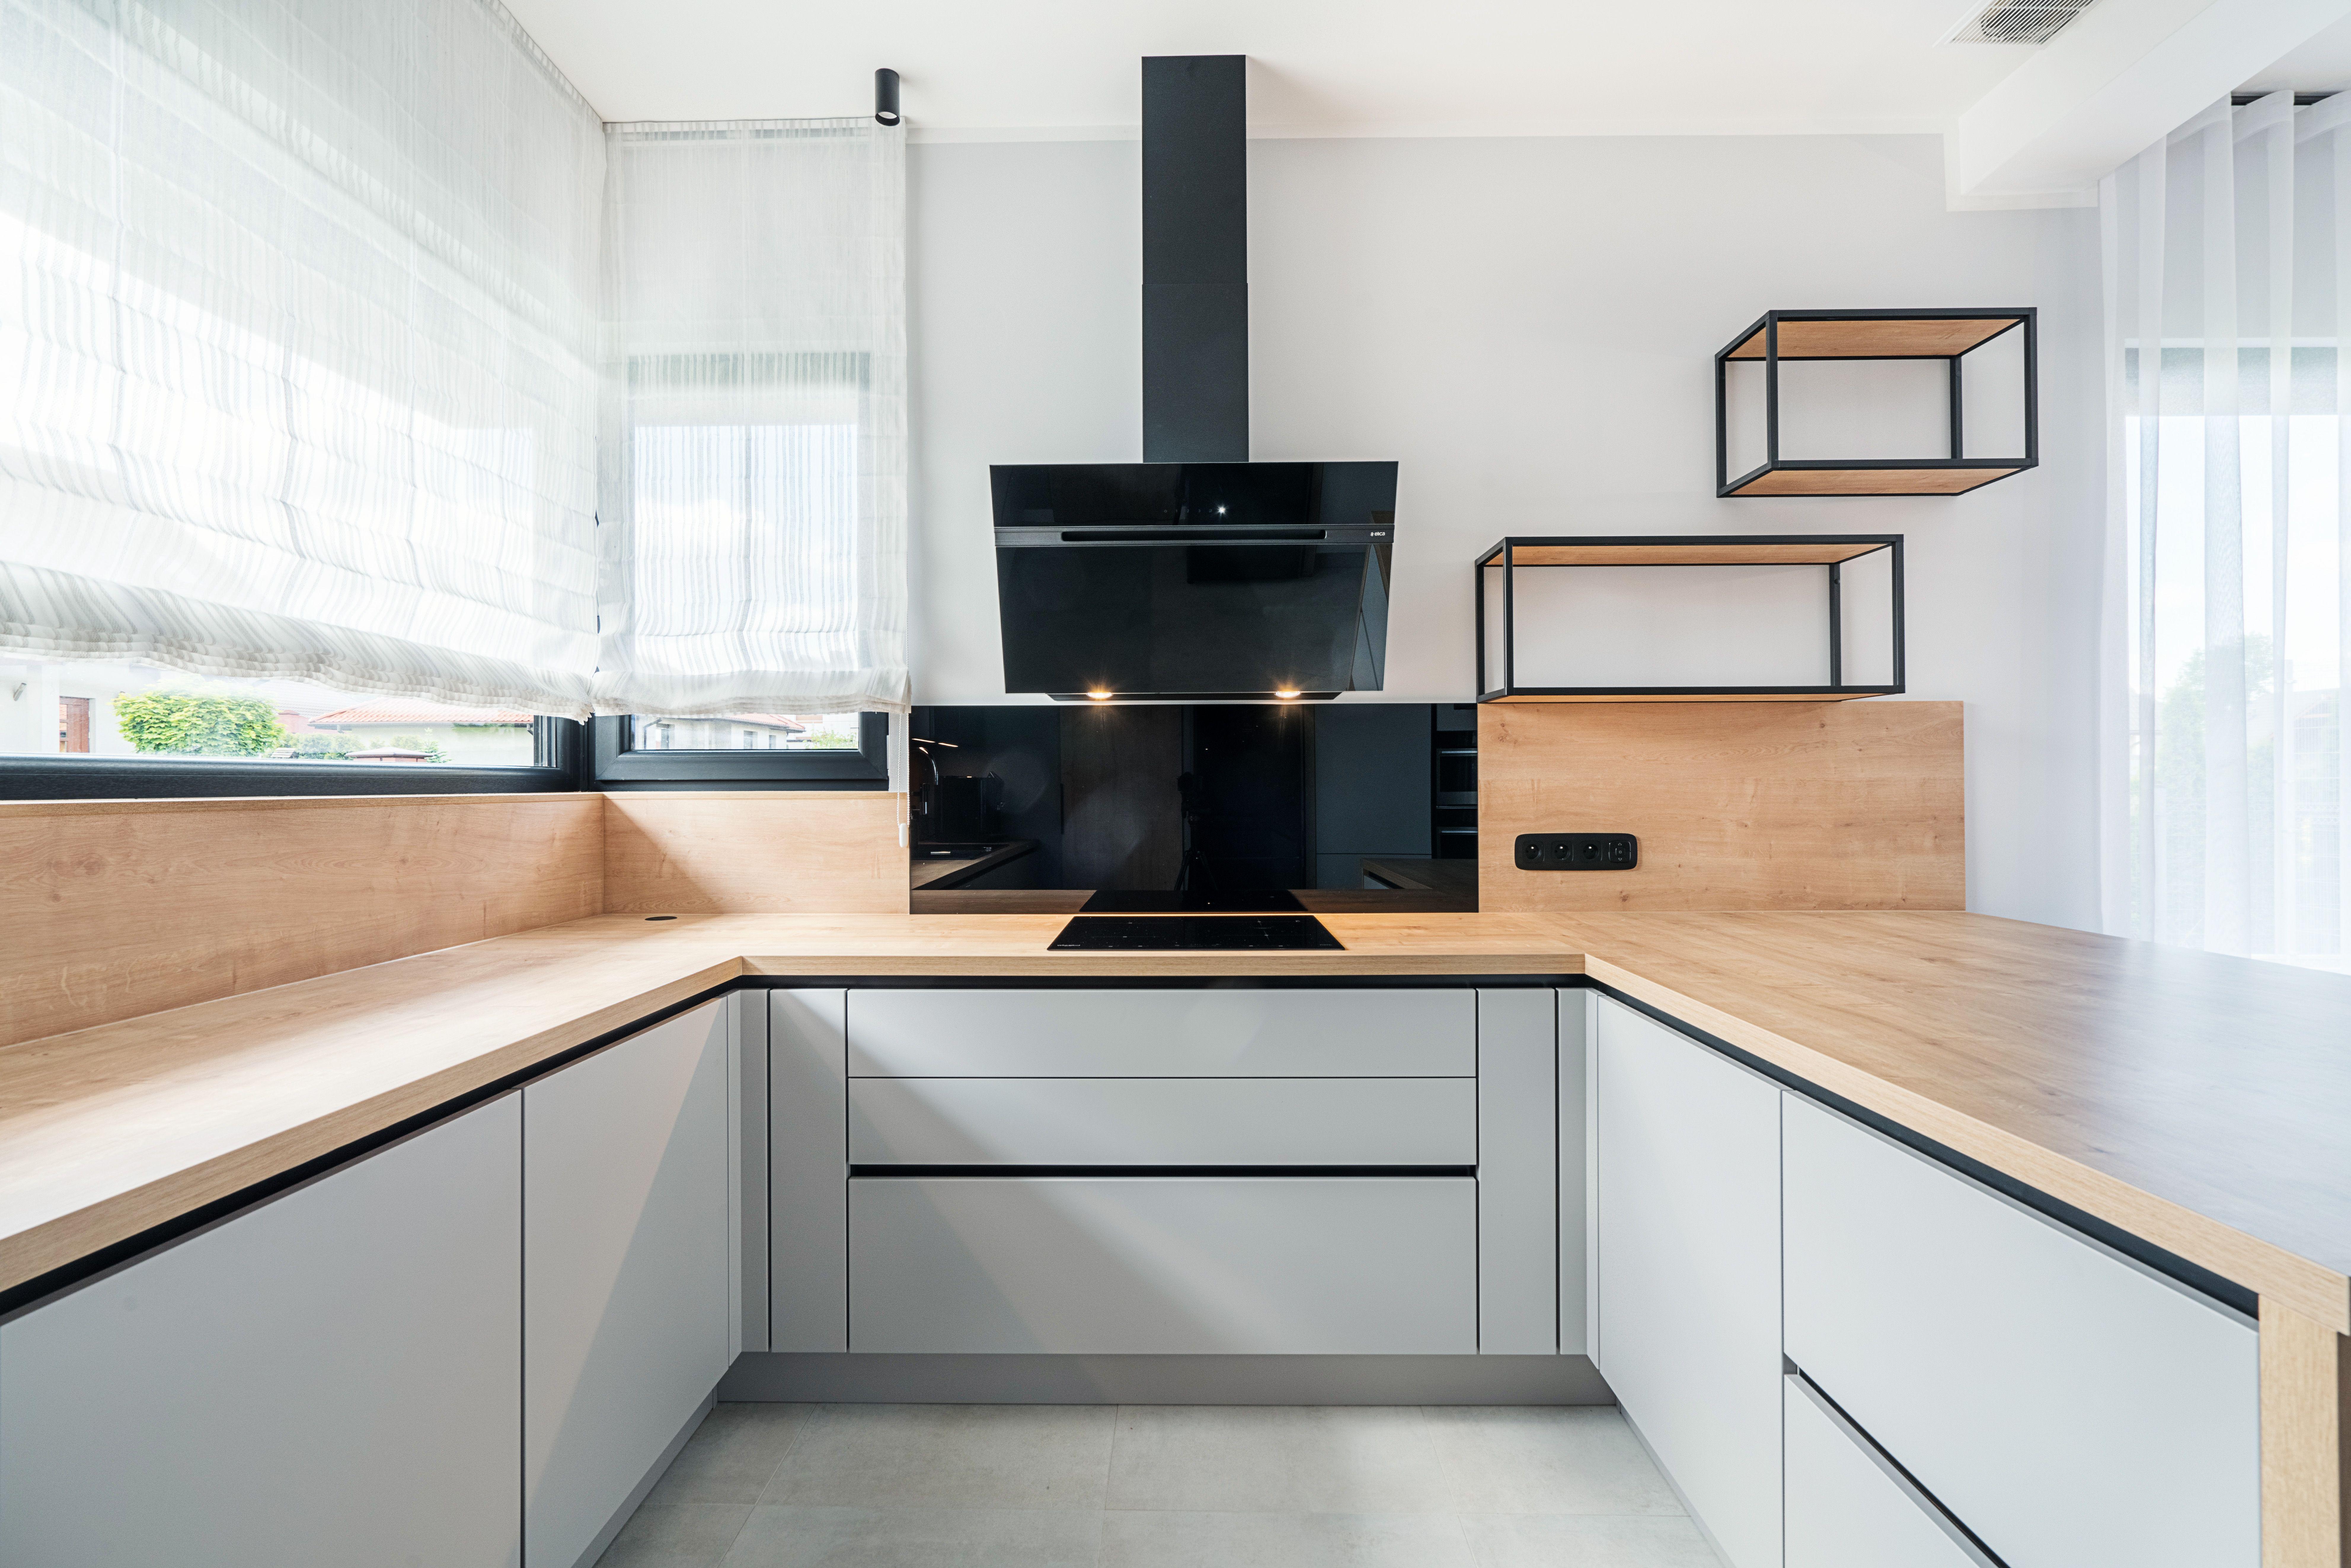 Duza Powierzchnia Blatu Roboczego Pozwala Na Przygotowanie Posilkow Nawet Przez Dwie Osoby Jednoczesnie Kuchnianawymiar Salonkuch Home Decor Furniture Decor